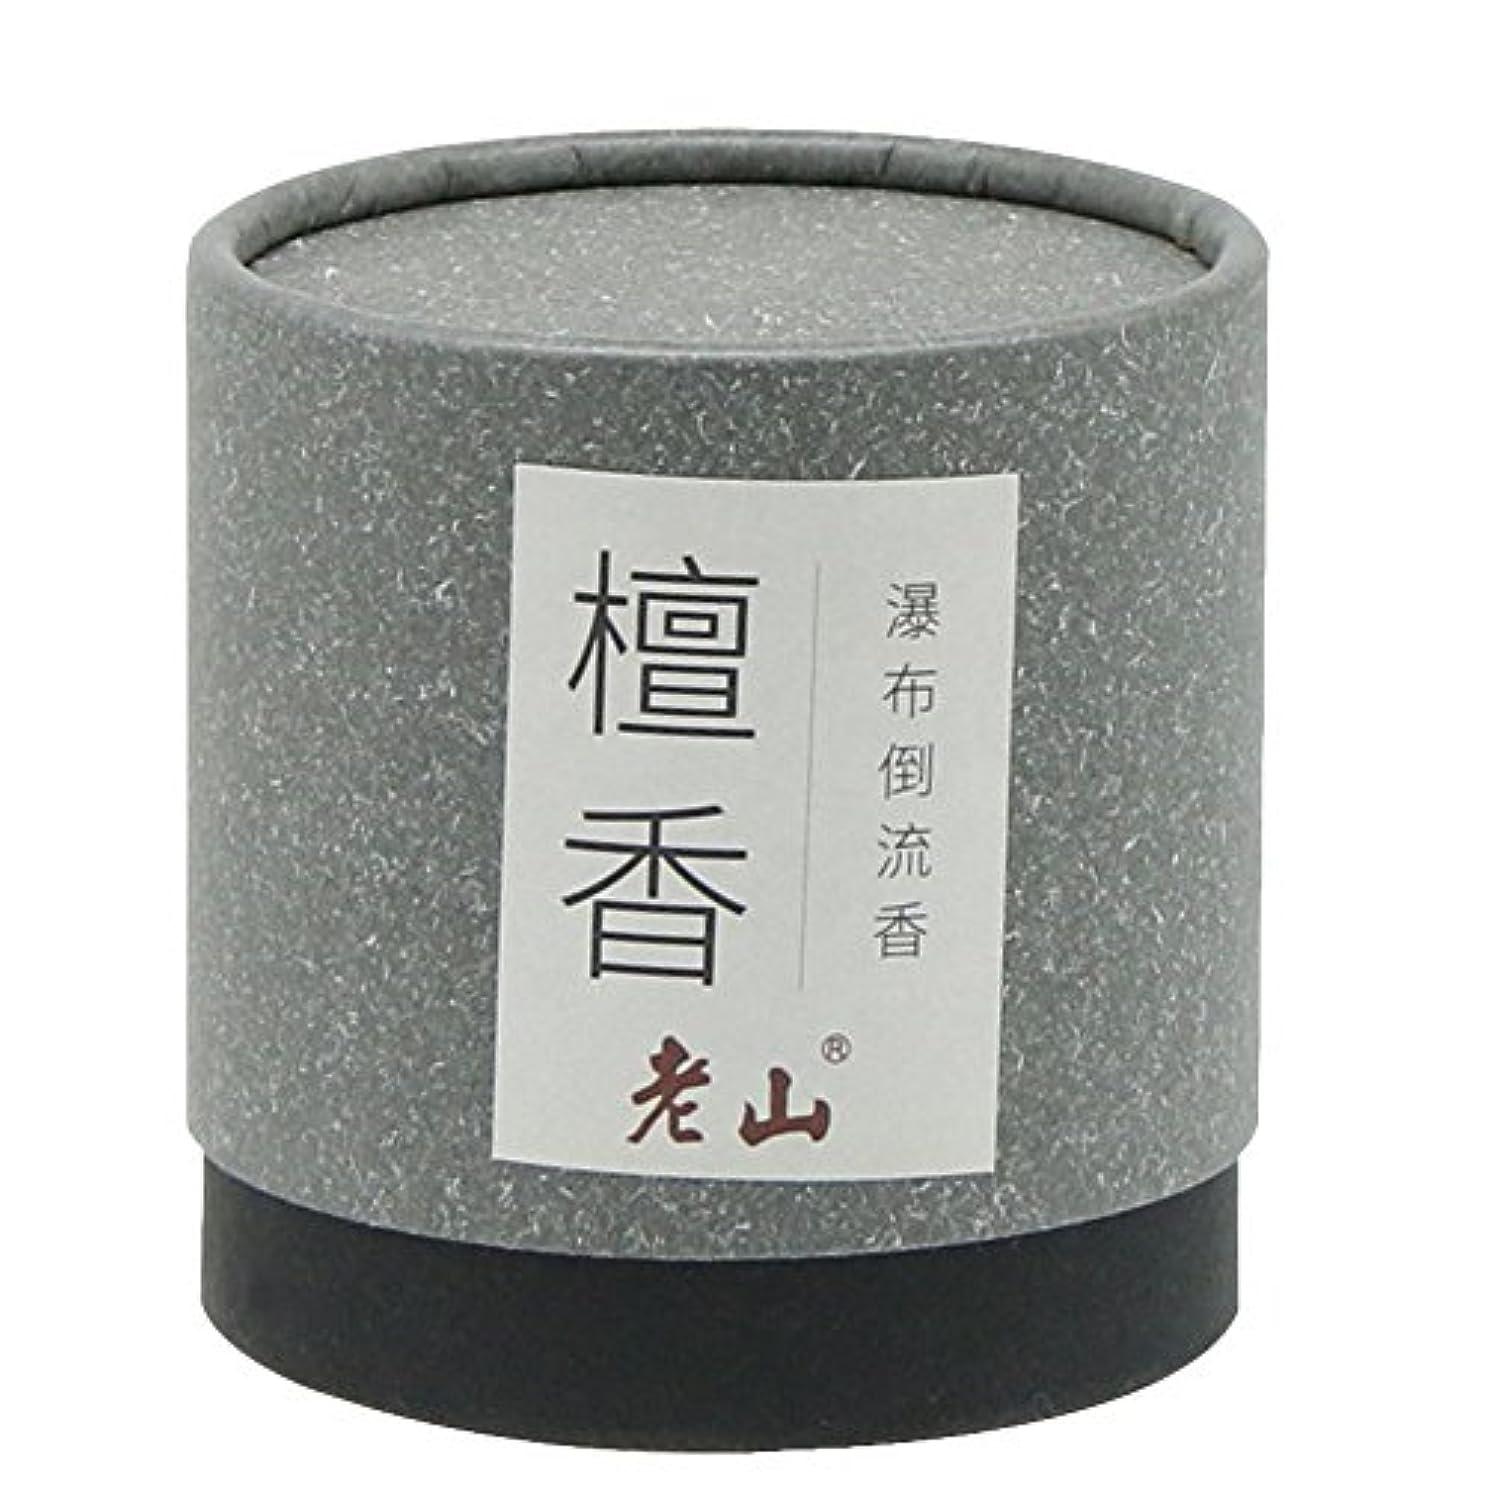 正しい履歴書感謝祭逆流円錐incense-100g Naturalサンダルウッドお香逆流ウォーターフォールIncense Incense (グレー)